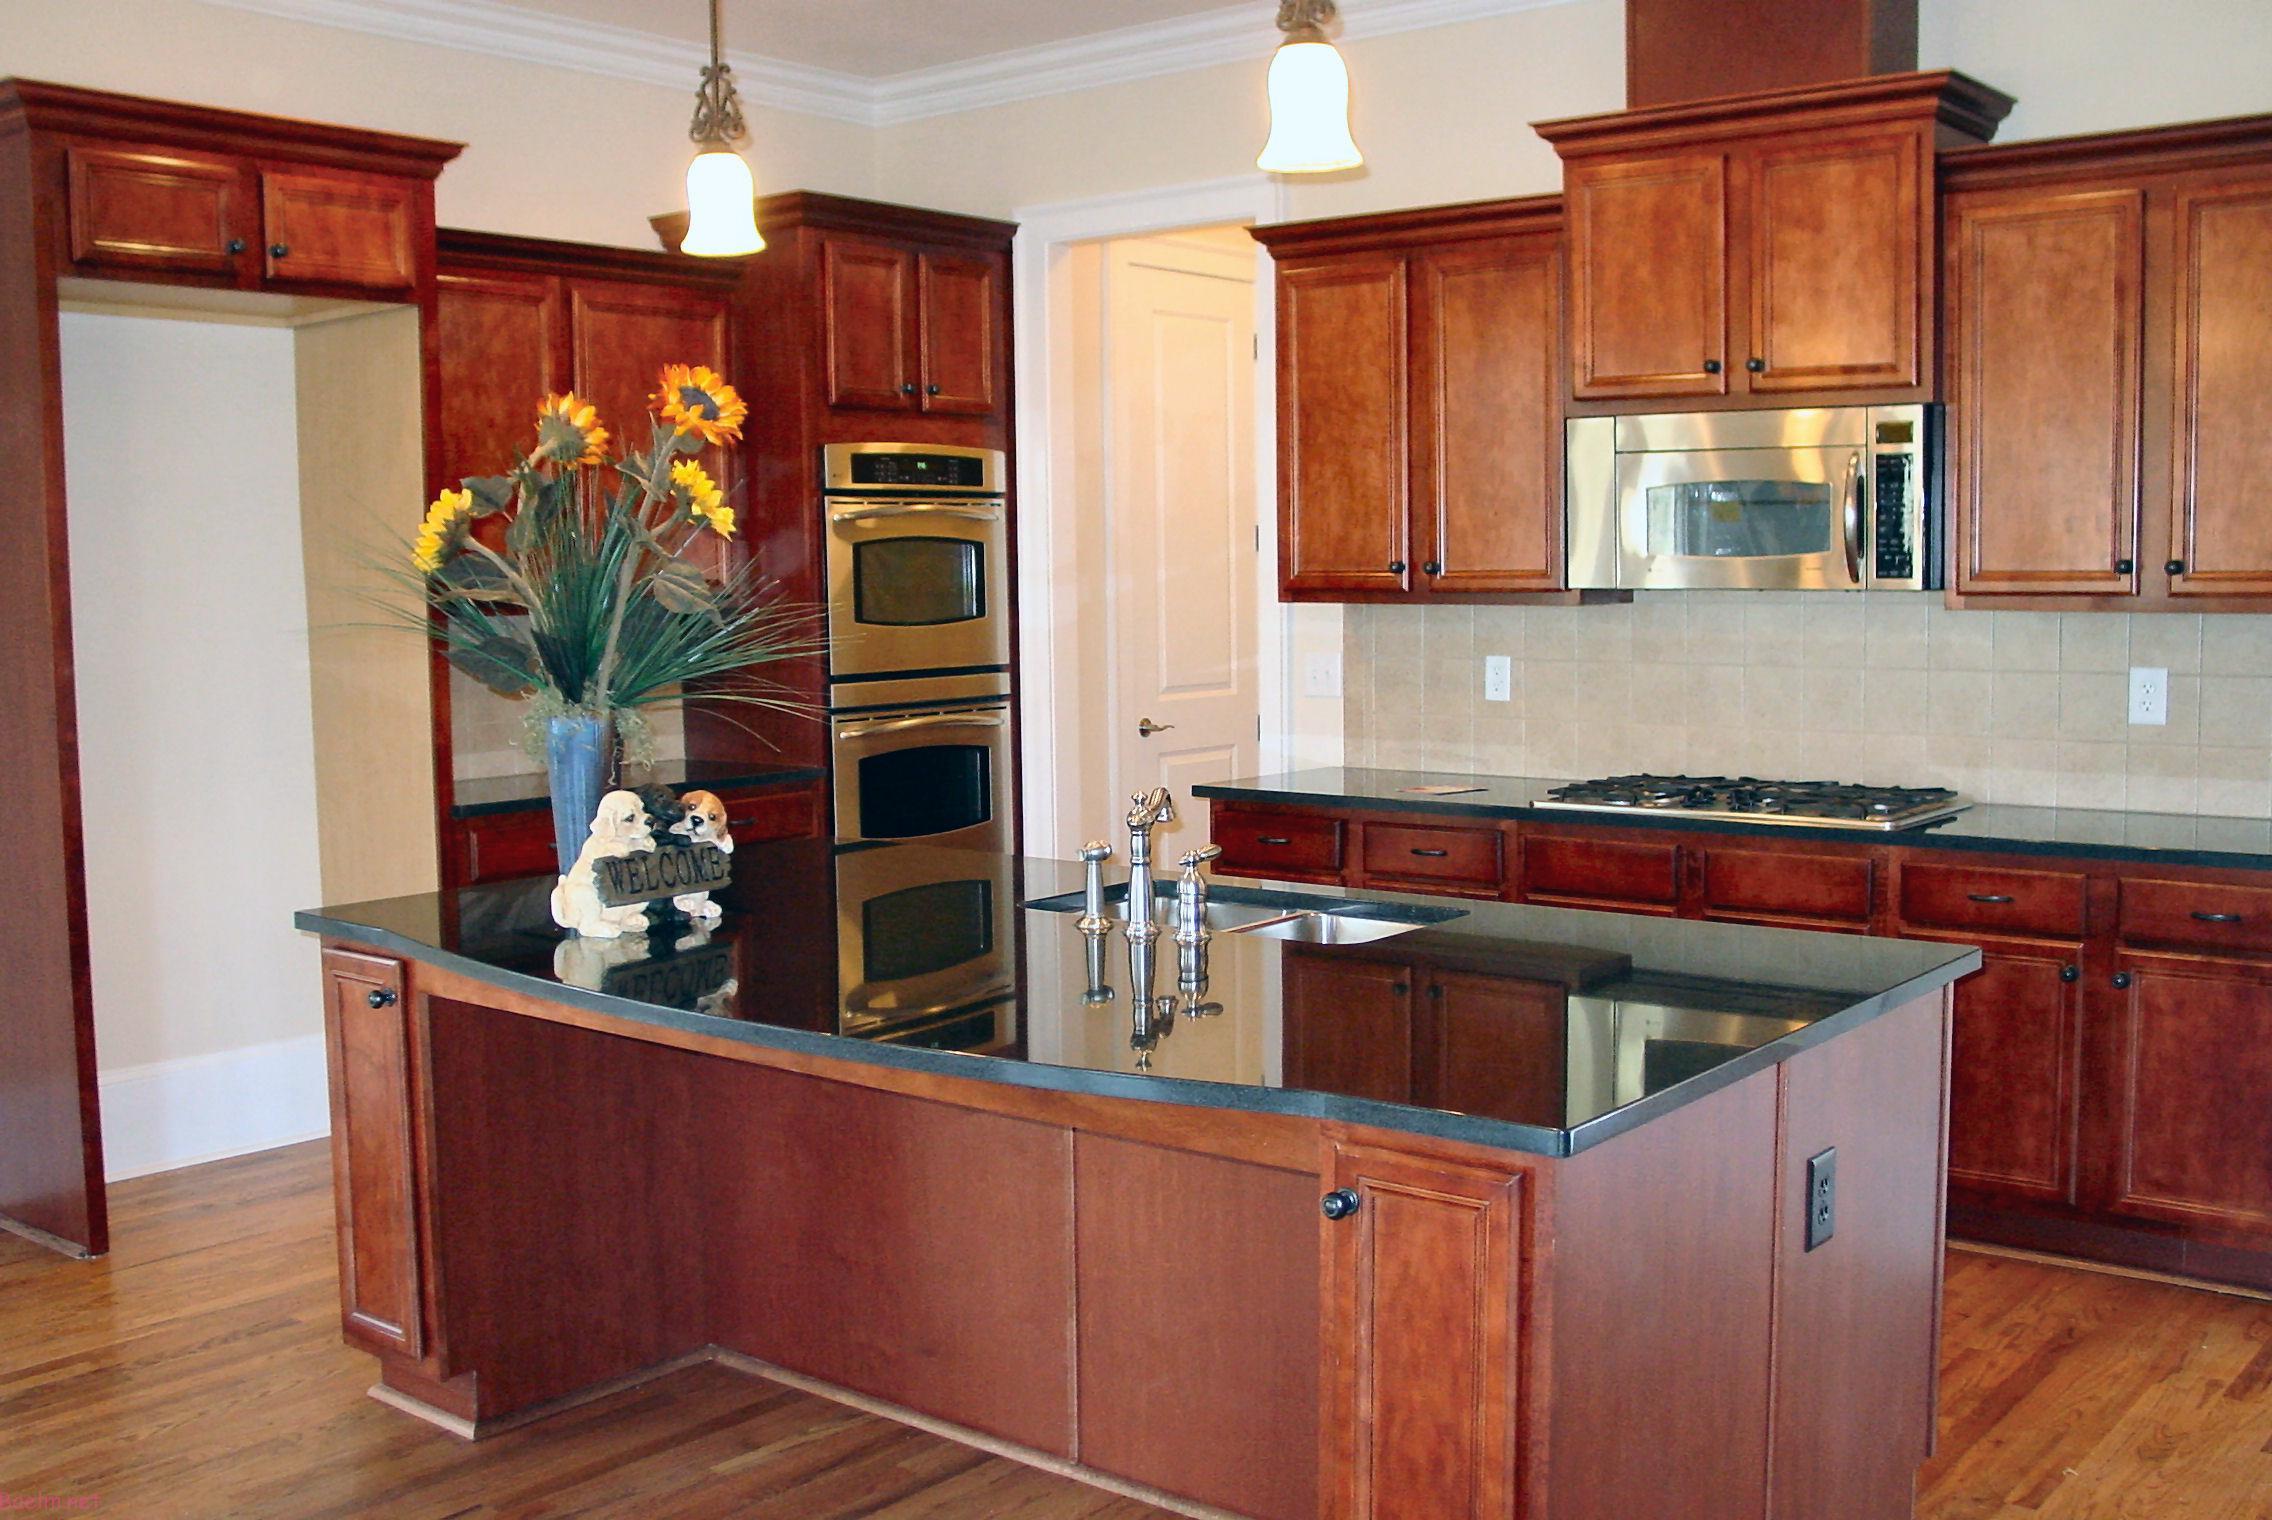 مدل کابینت ، مدل دکوراسیون آشپزخانه با کابینت های چوبی